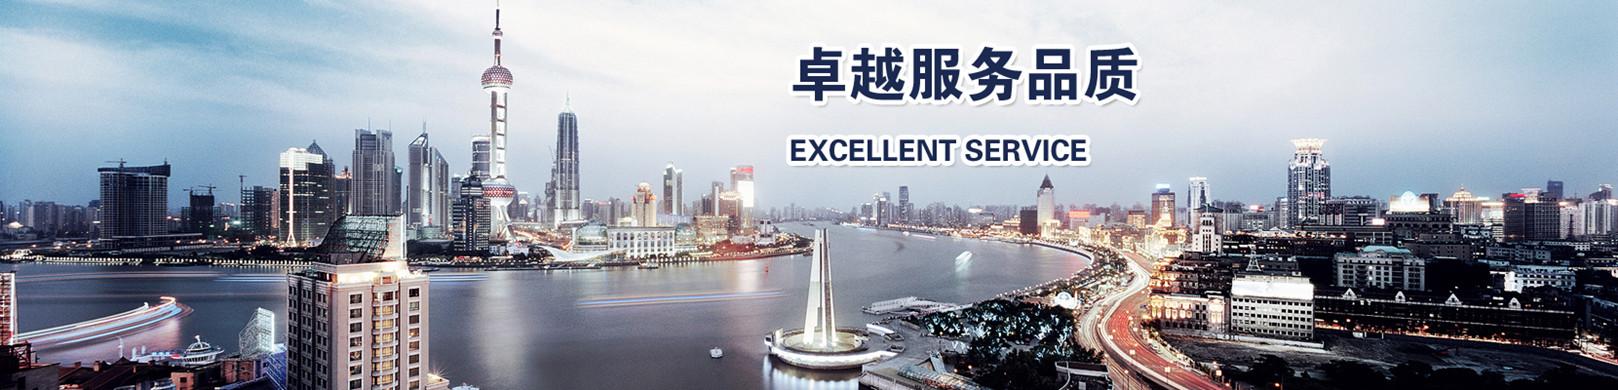 上海闵行律师大图二